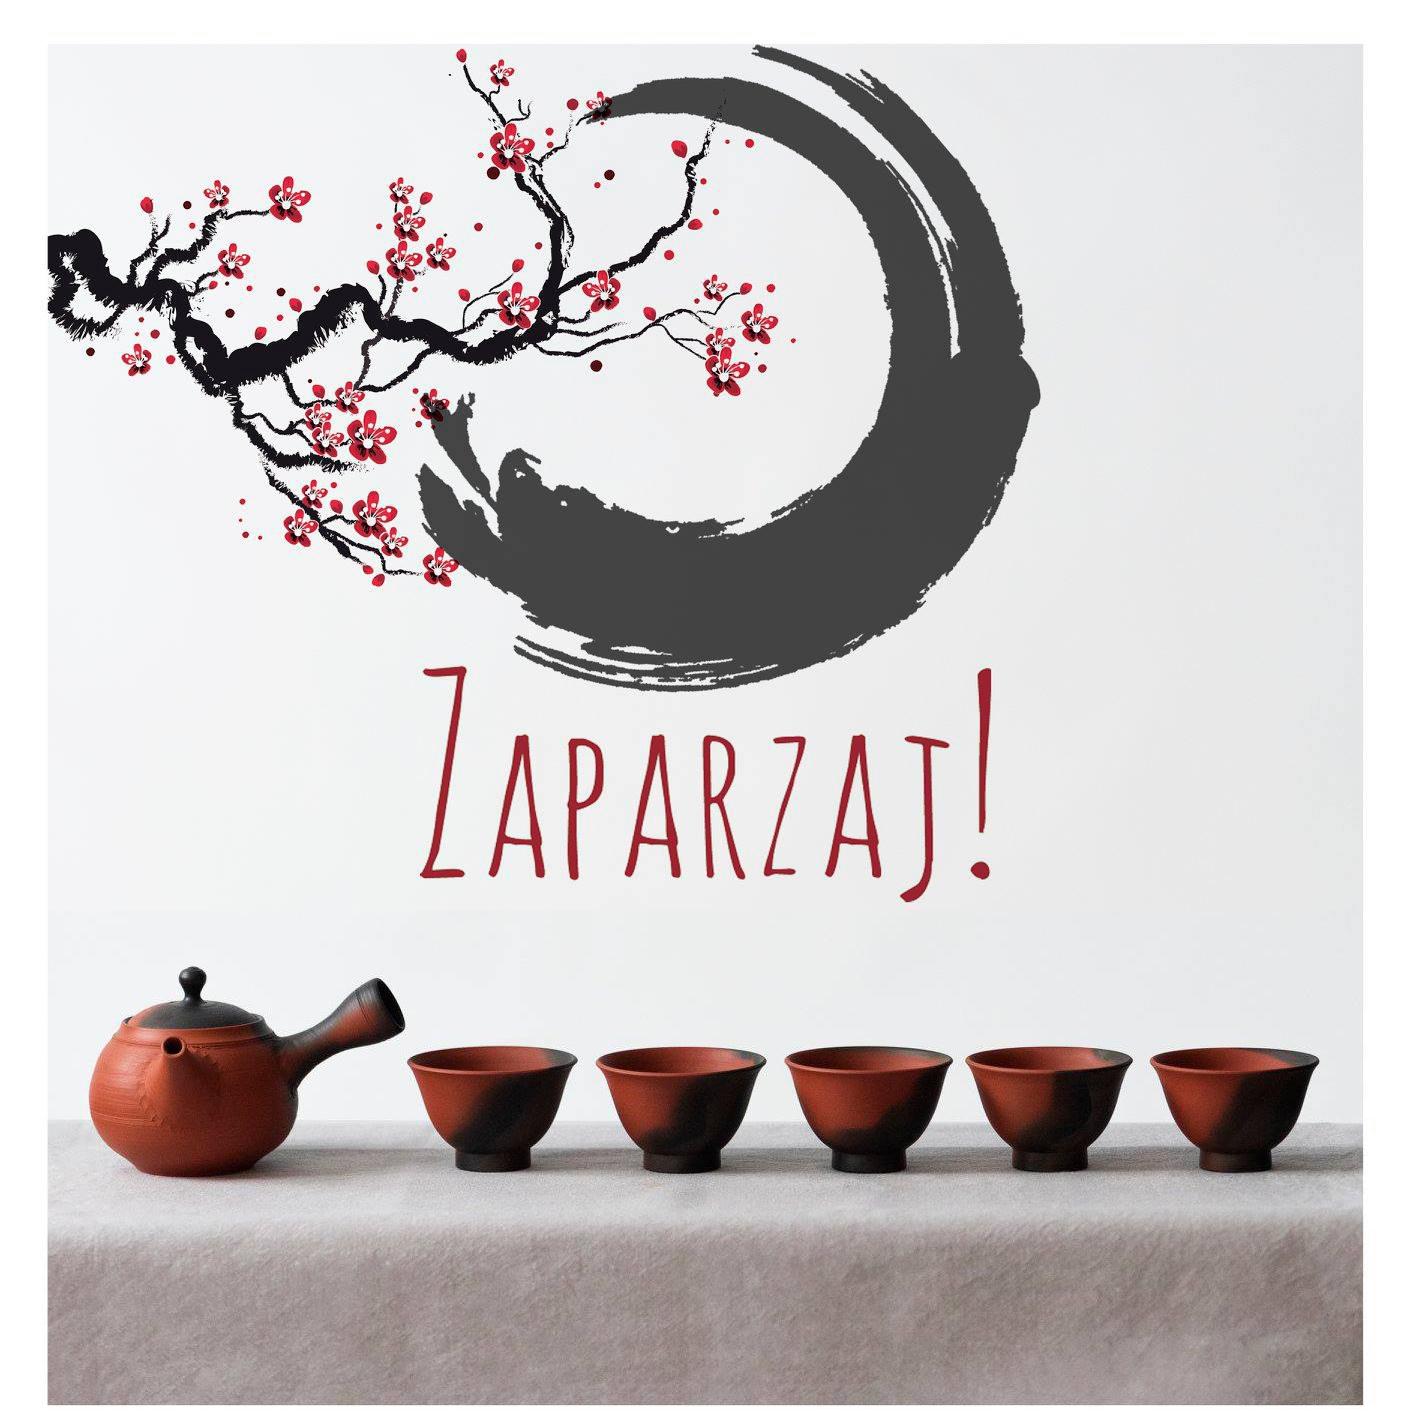 Już niedługo Festiwal Herbaty Zaparzaj! 2019 wPoznaniu